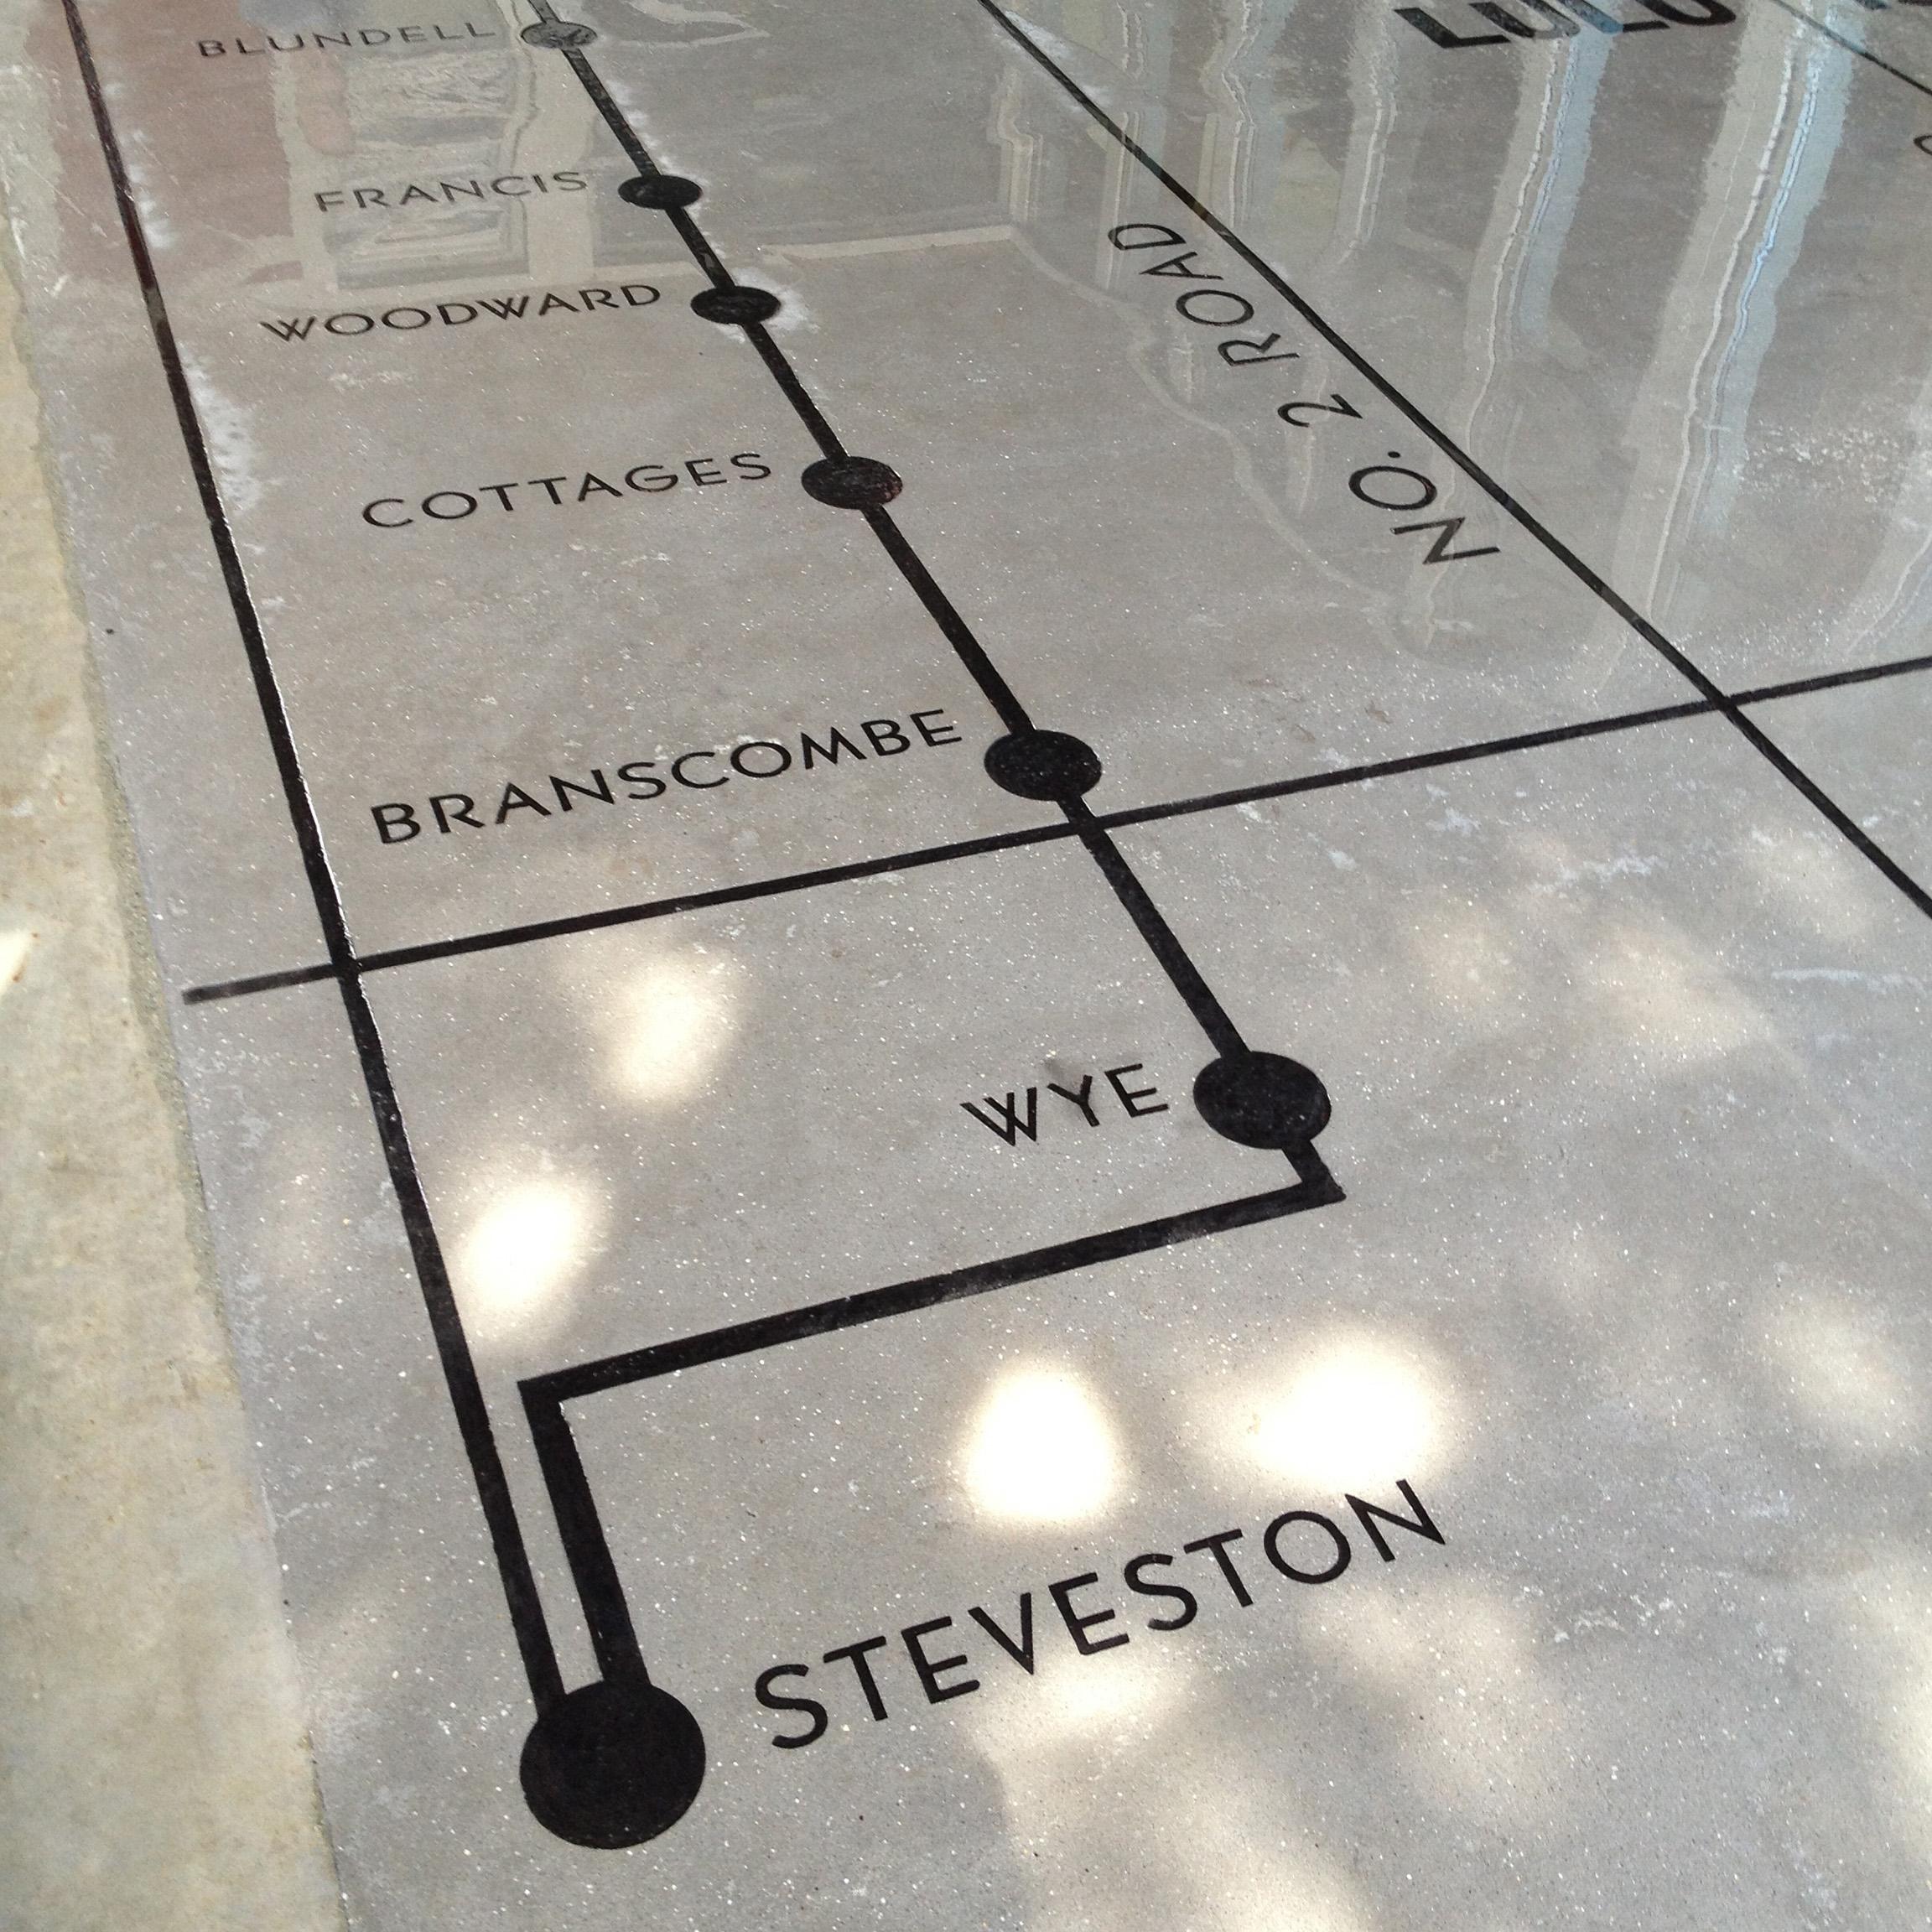 Steveston Interurban Tram Building Entryway